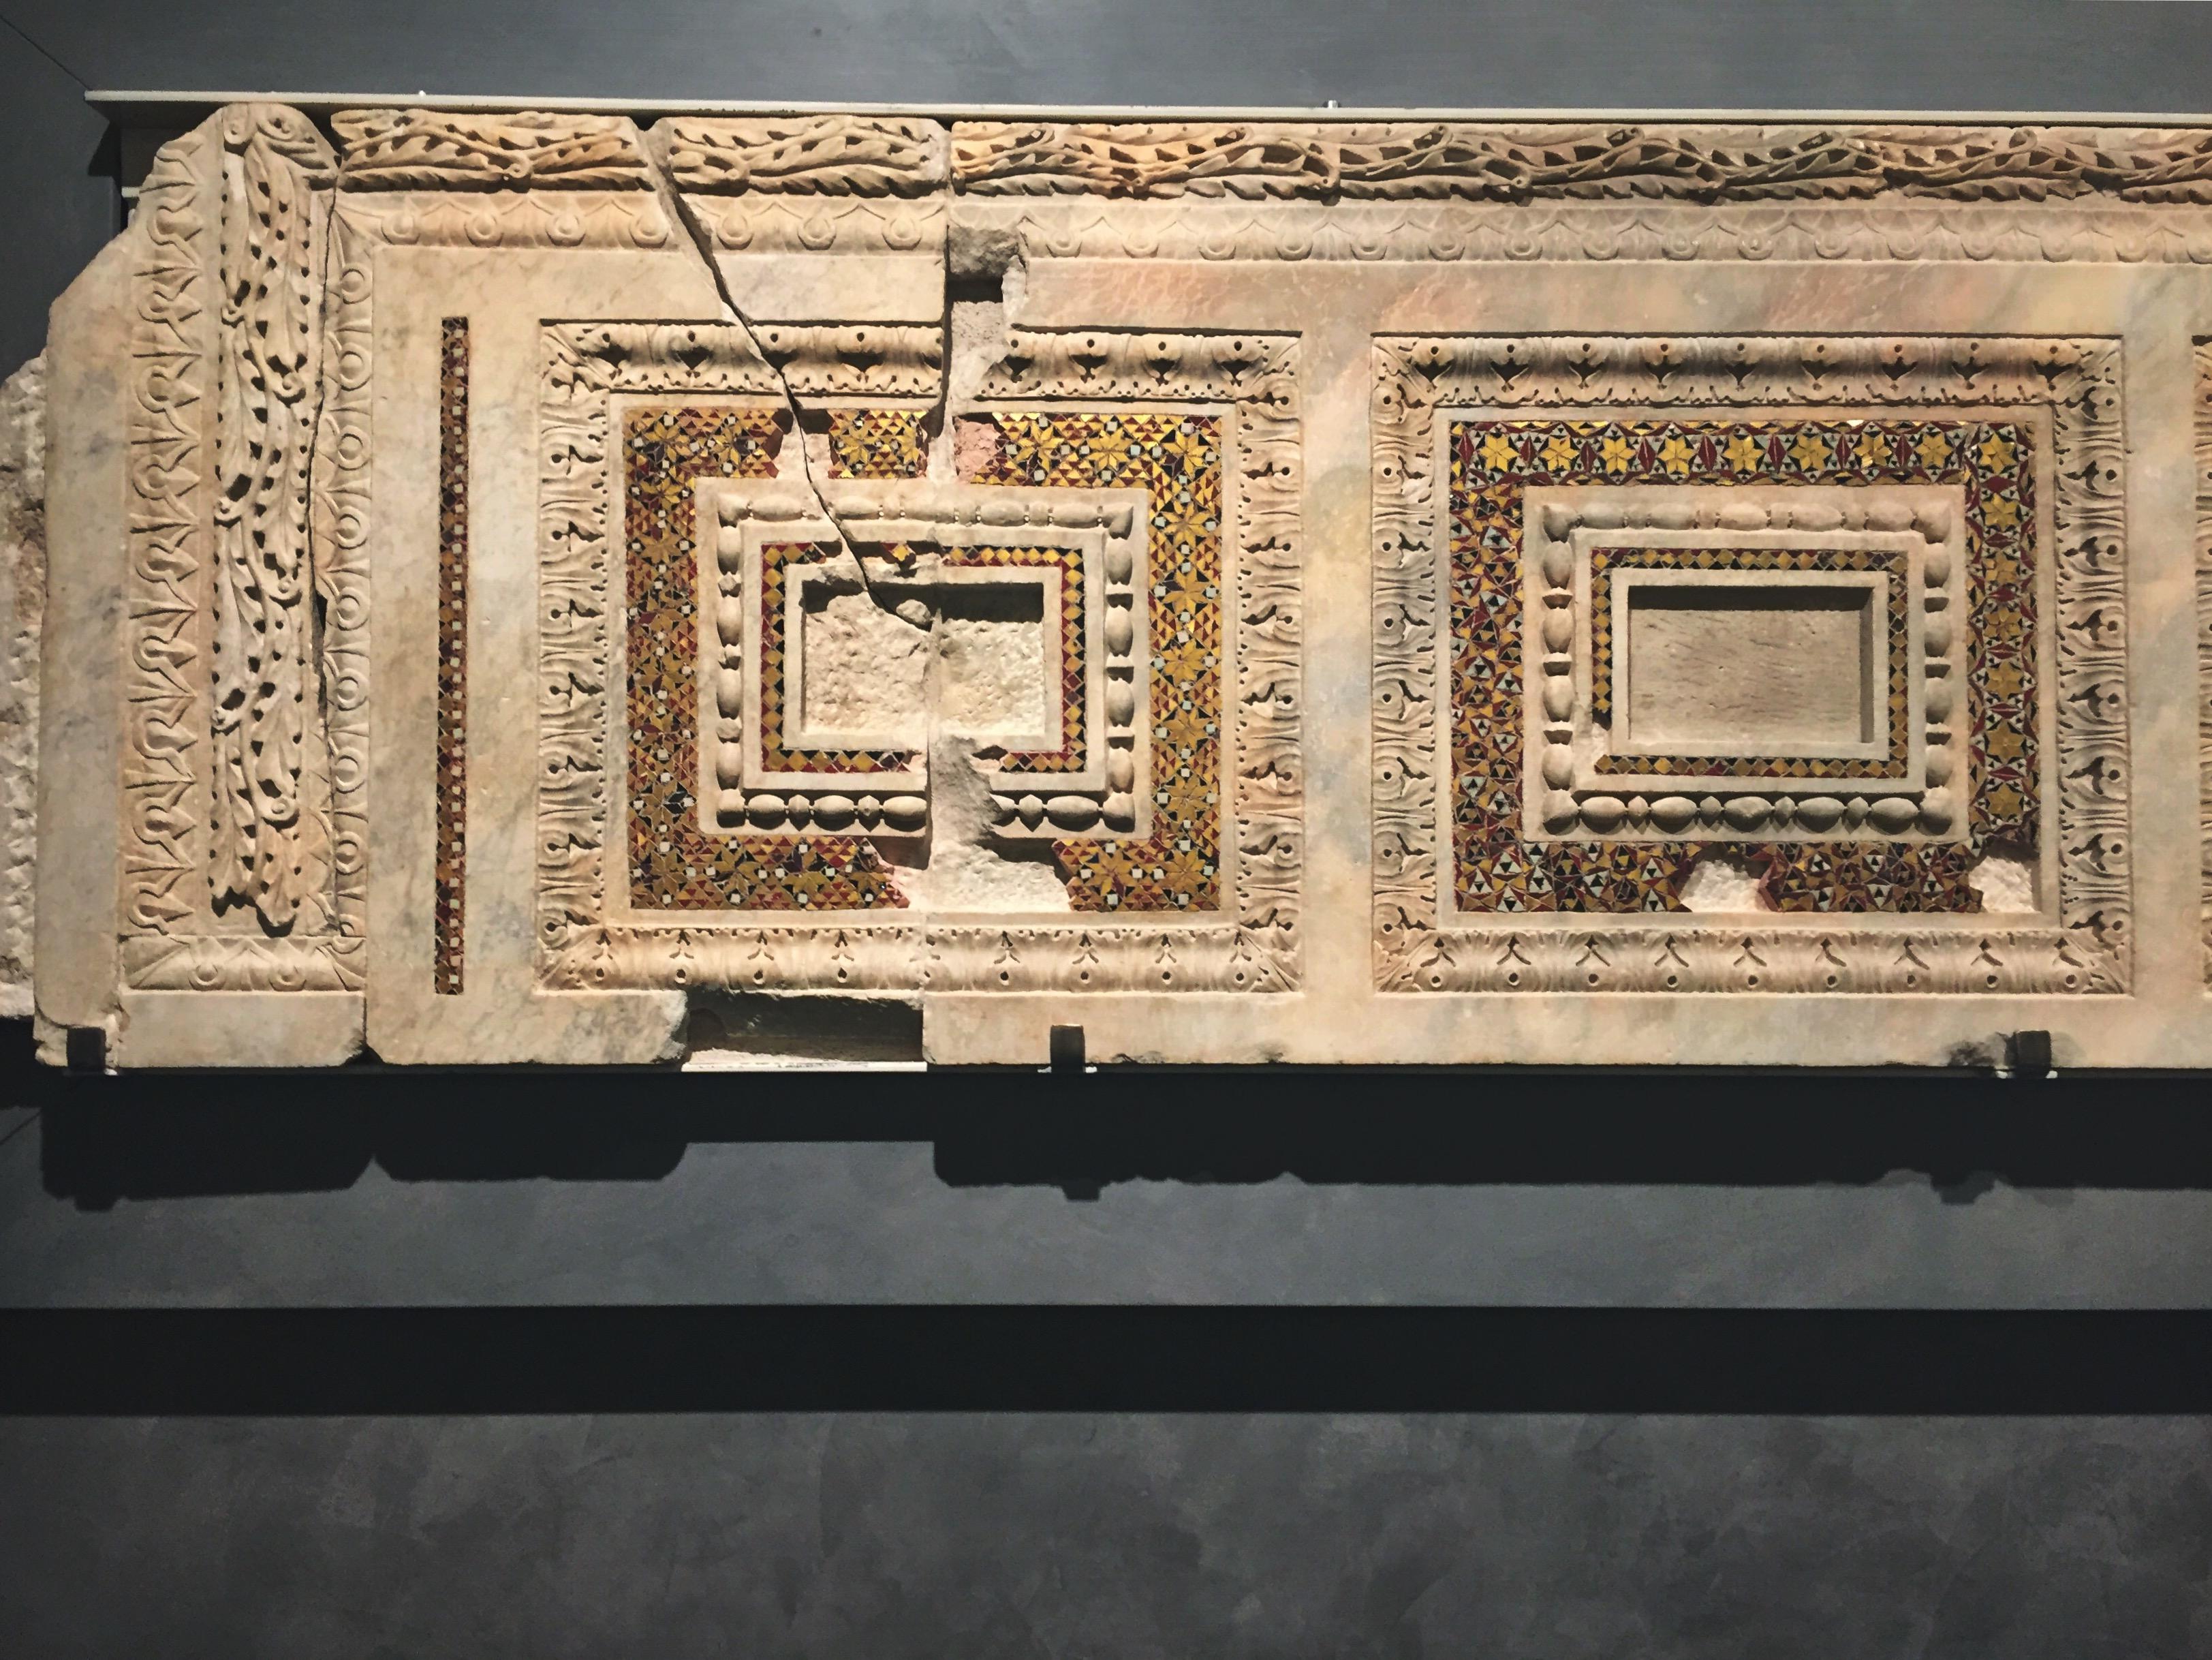 Musee del Opera de Duomo